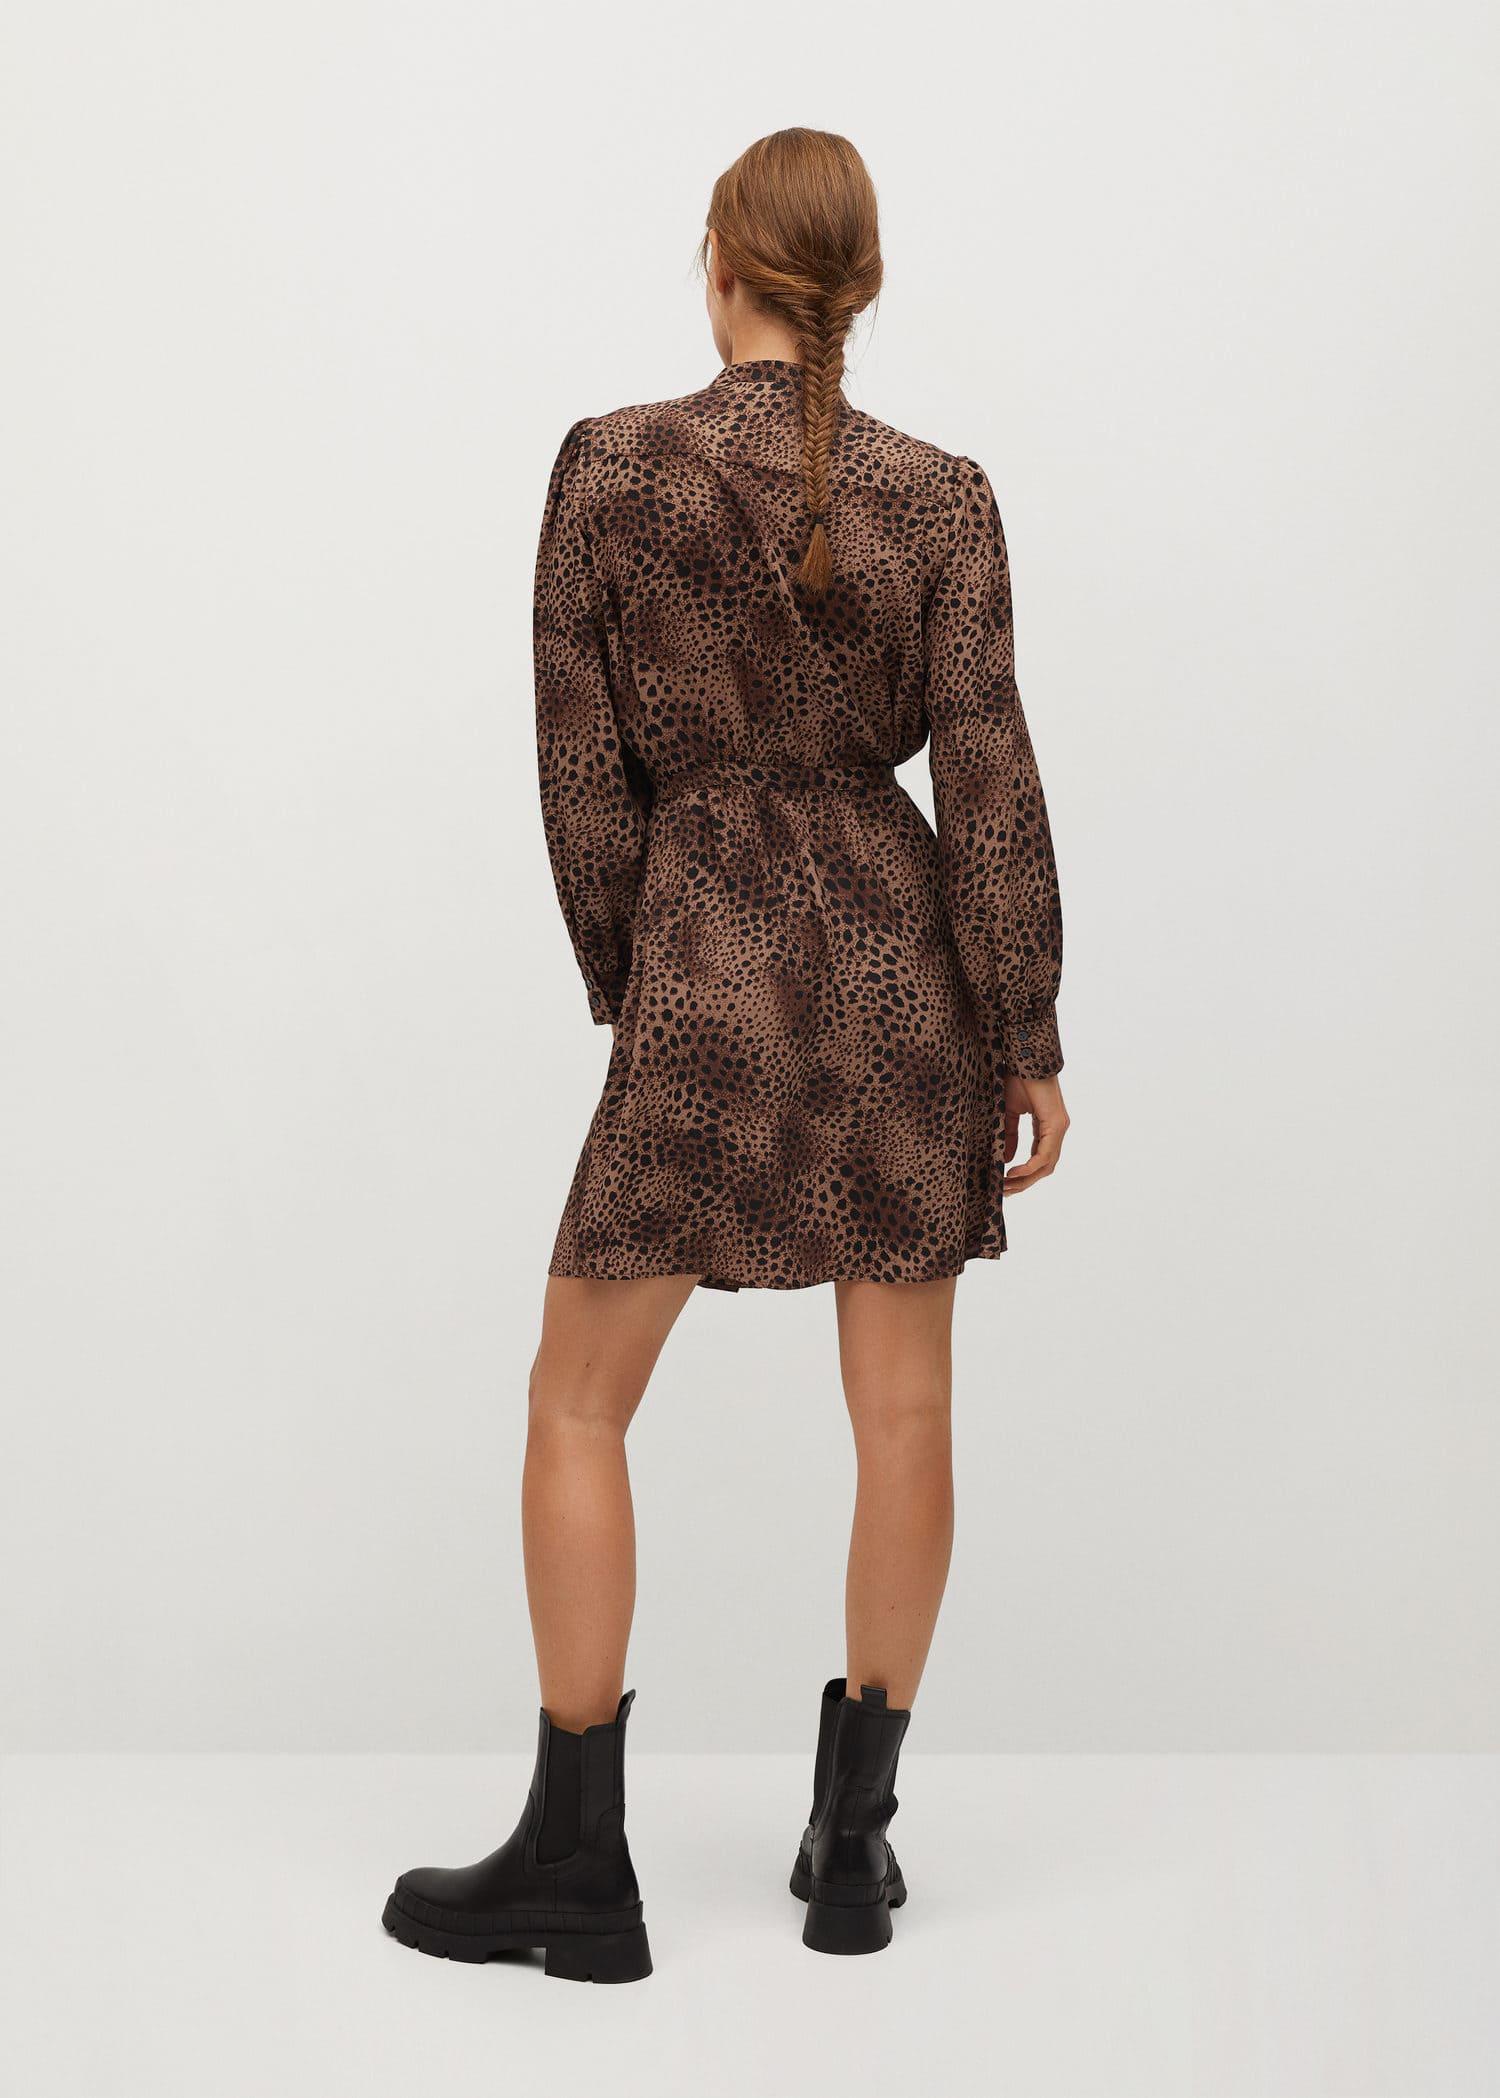 Kleider Fur Damen 2020 Mango Deutschland